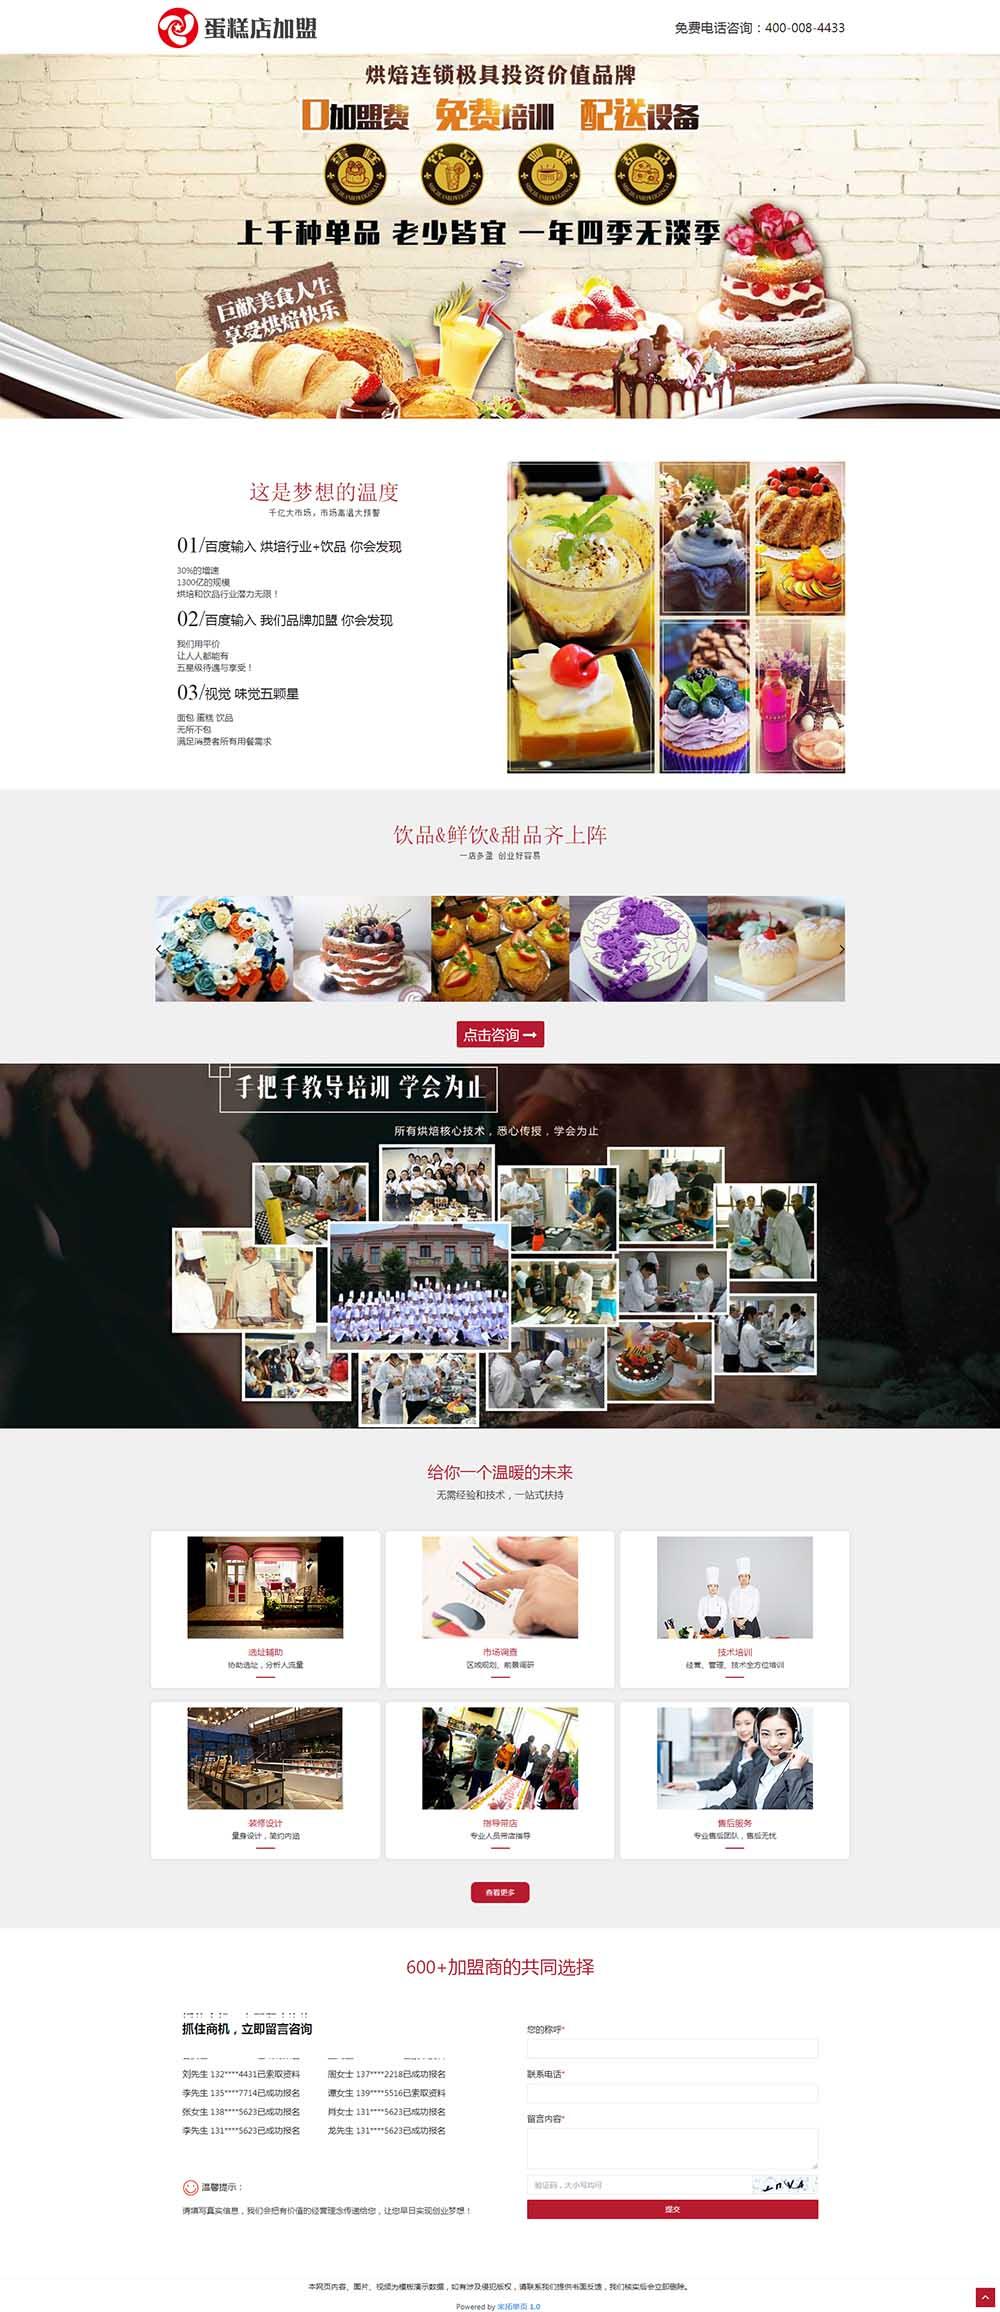 蛋糕店落地页模板|广告页模板|宣传页模板|推广页|专题页设计制作